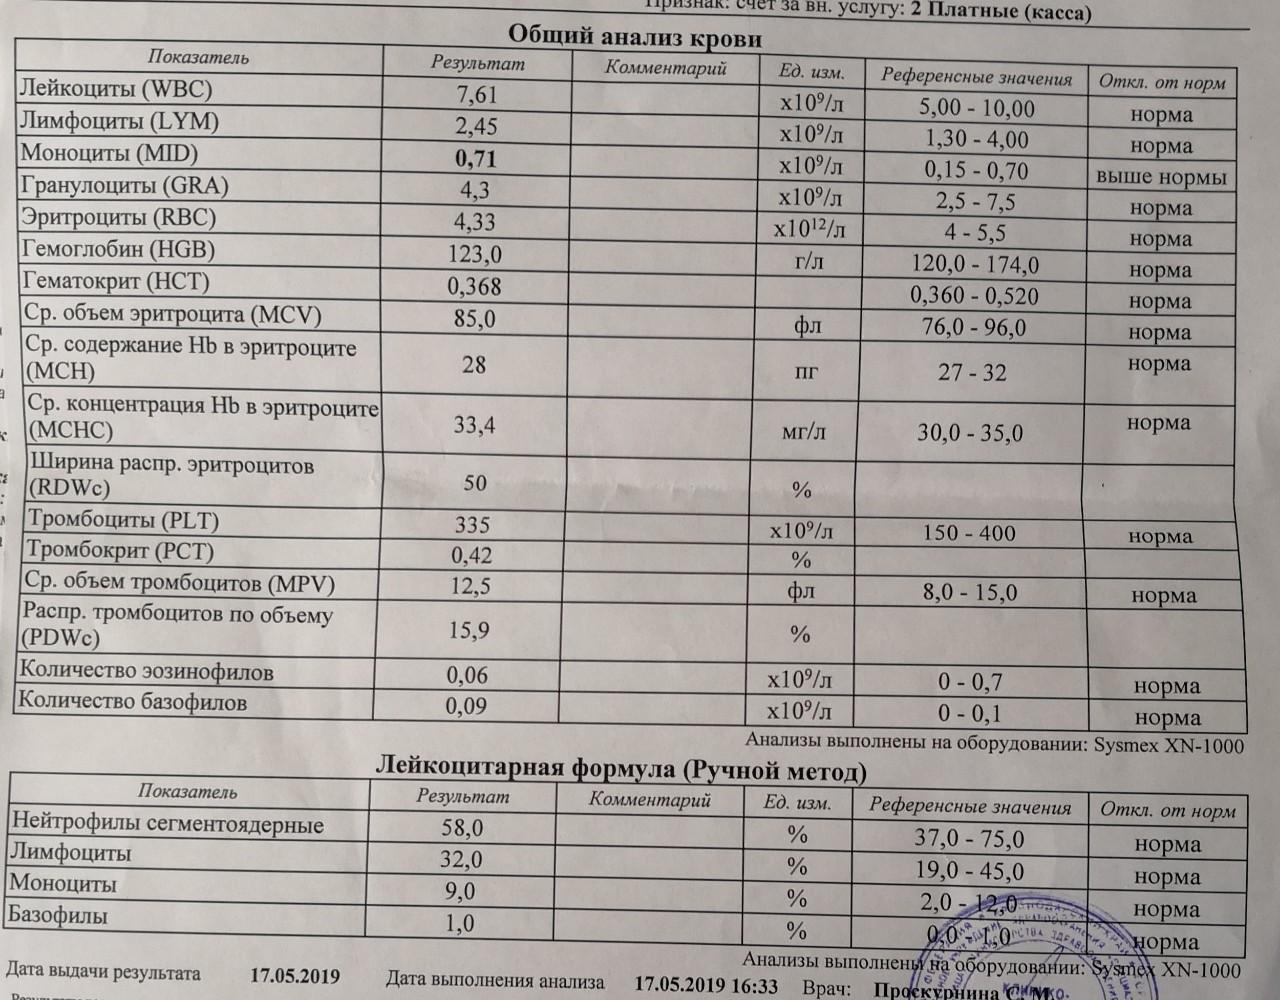 Количеством в с крови тромбоцитов крови общий анализ болезнь в ухе грибковая